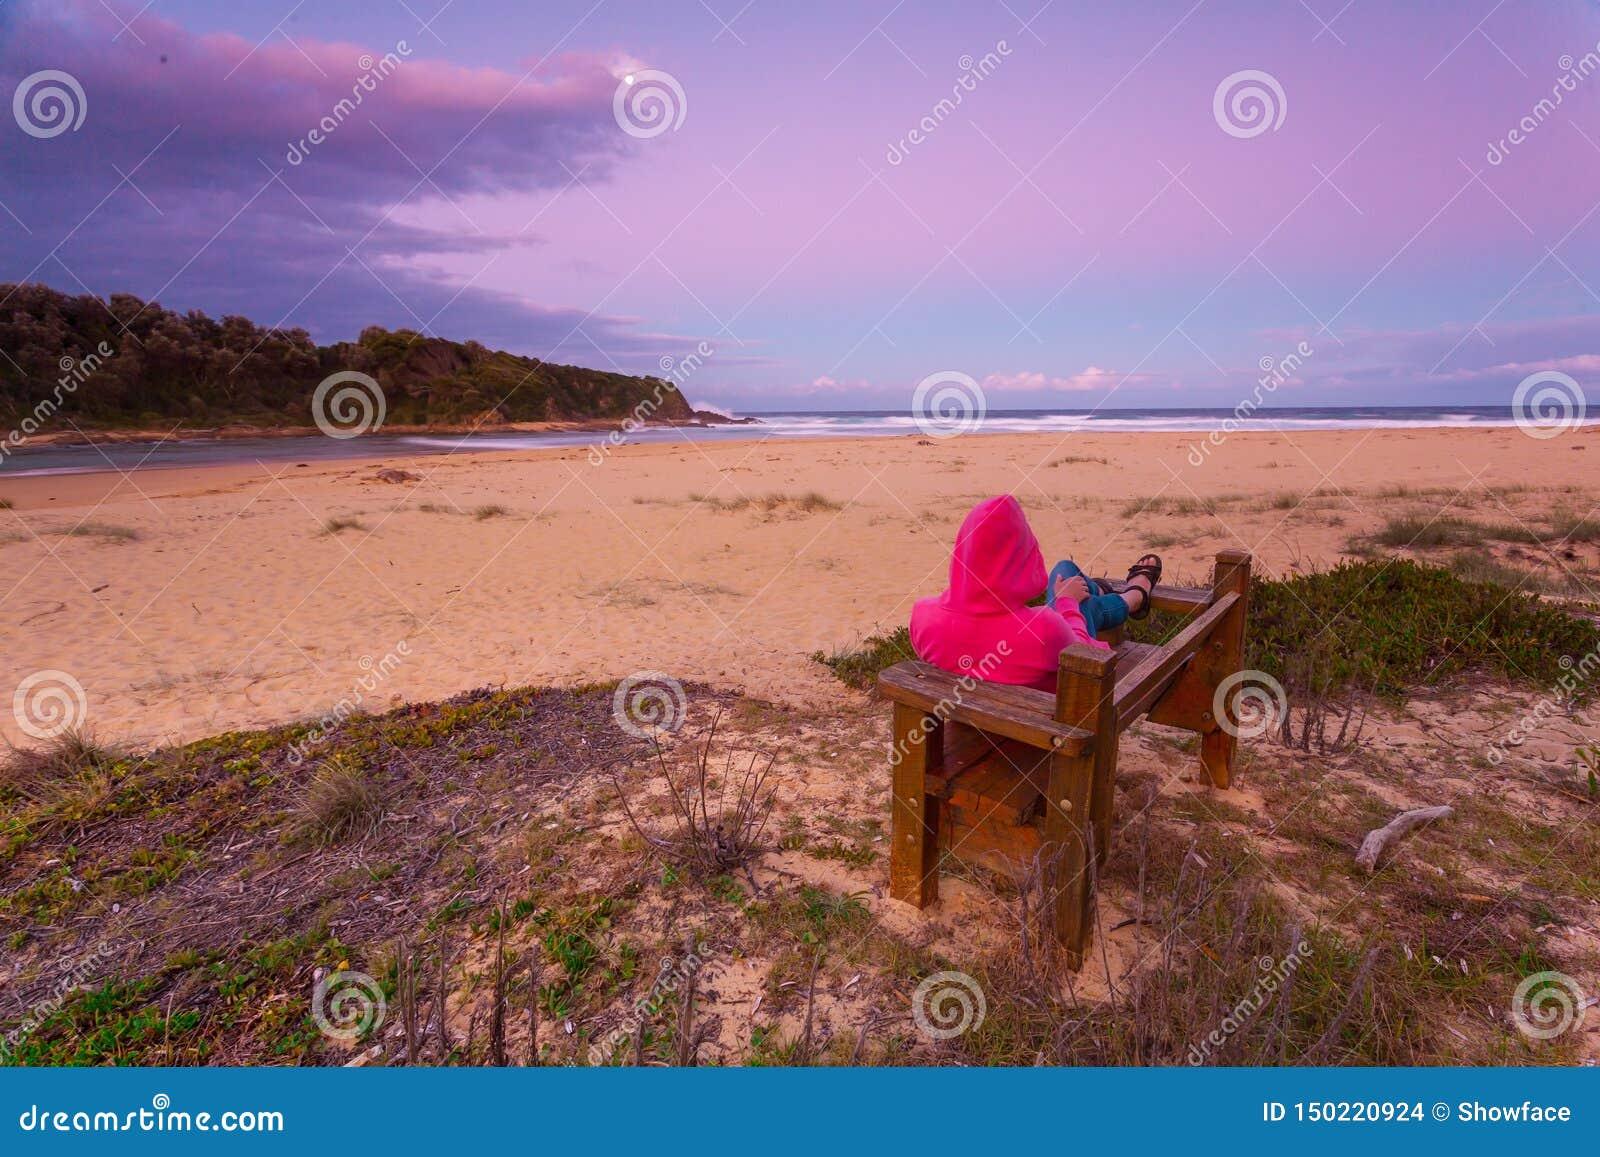 Kobieta przegapia plażę w popołudniowym półmroku relaksuje na ławce